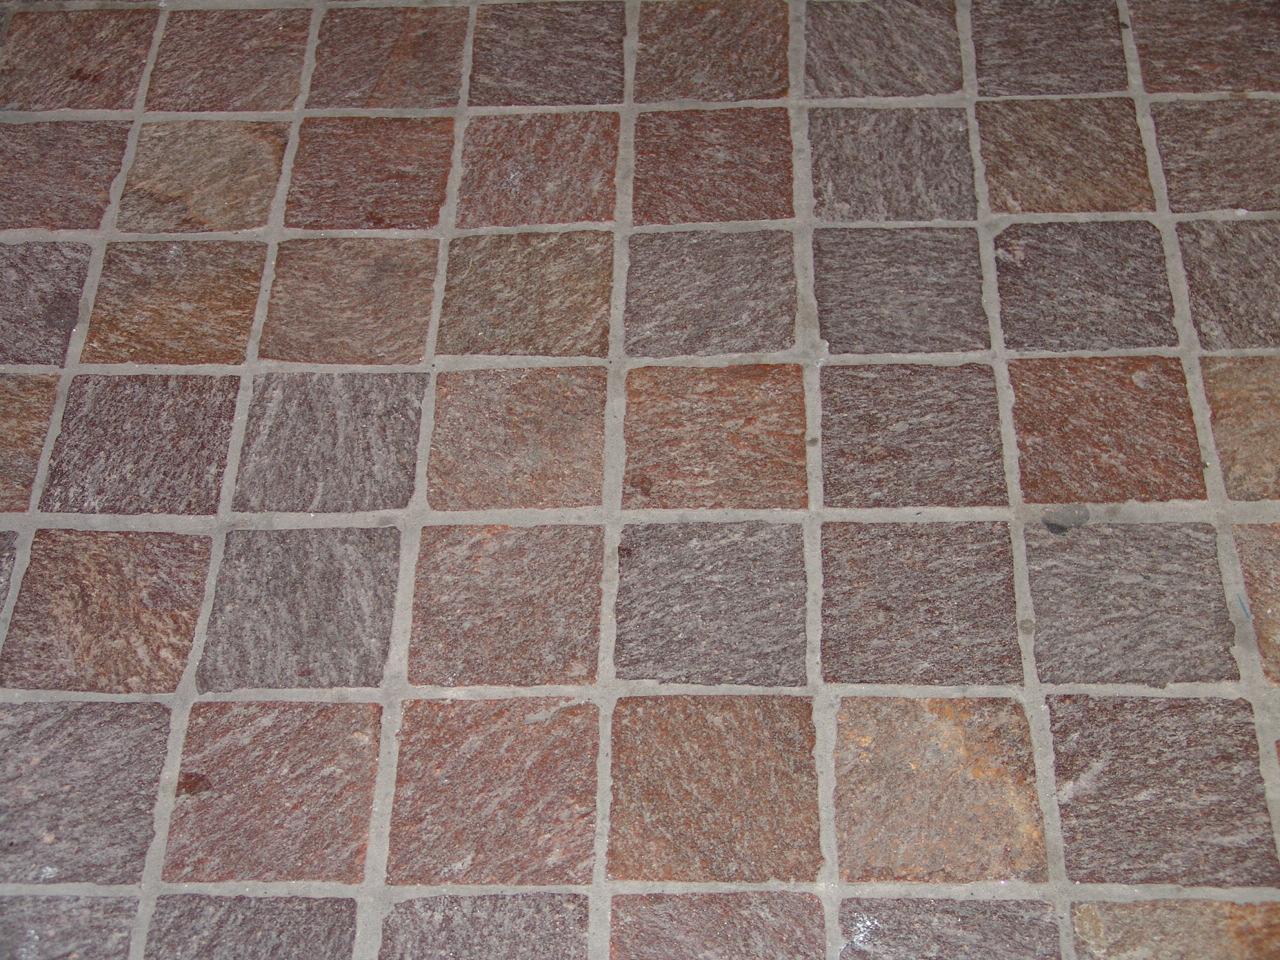 Pavimento marmo rosa foto di pavimenti marmo prezzi bassi dalla